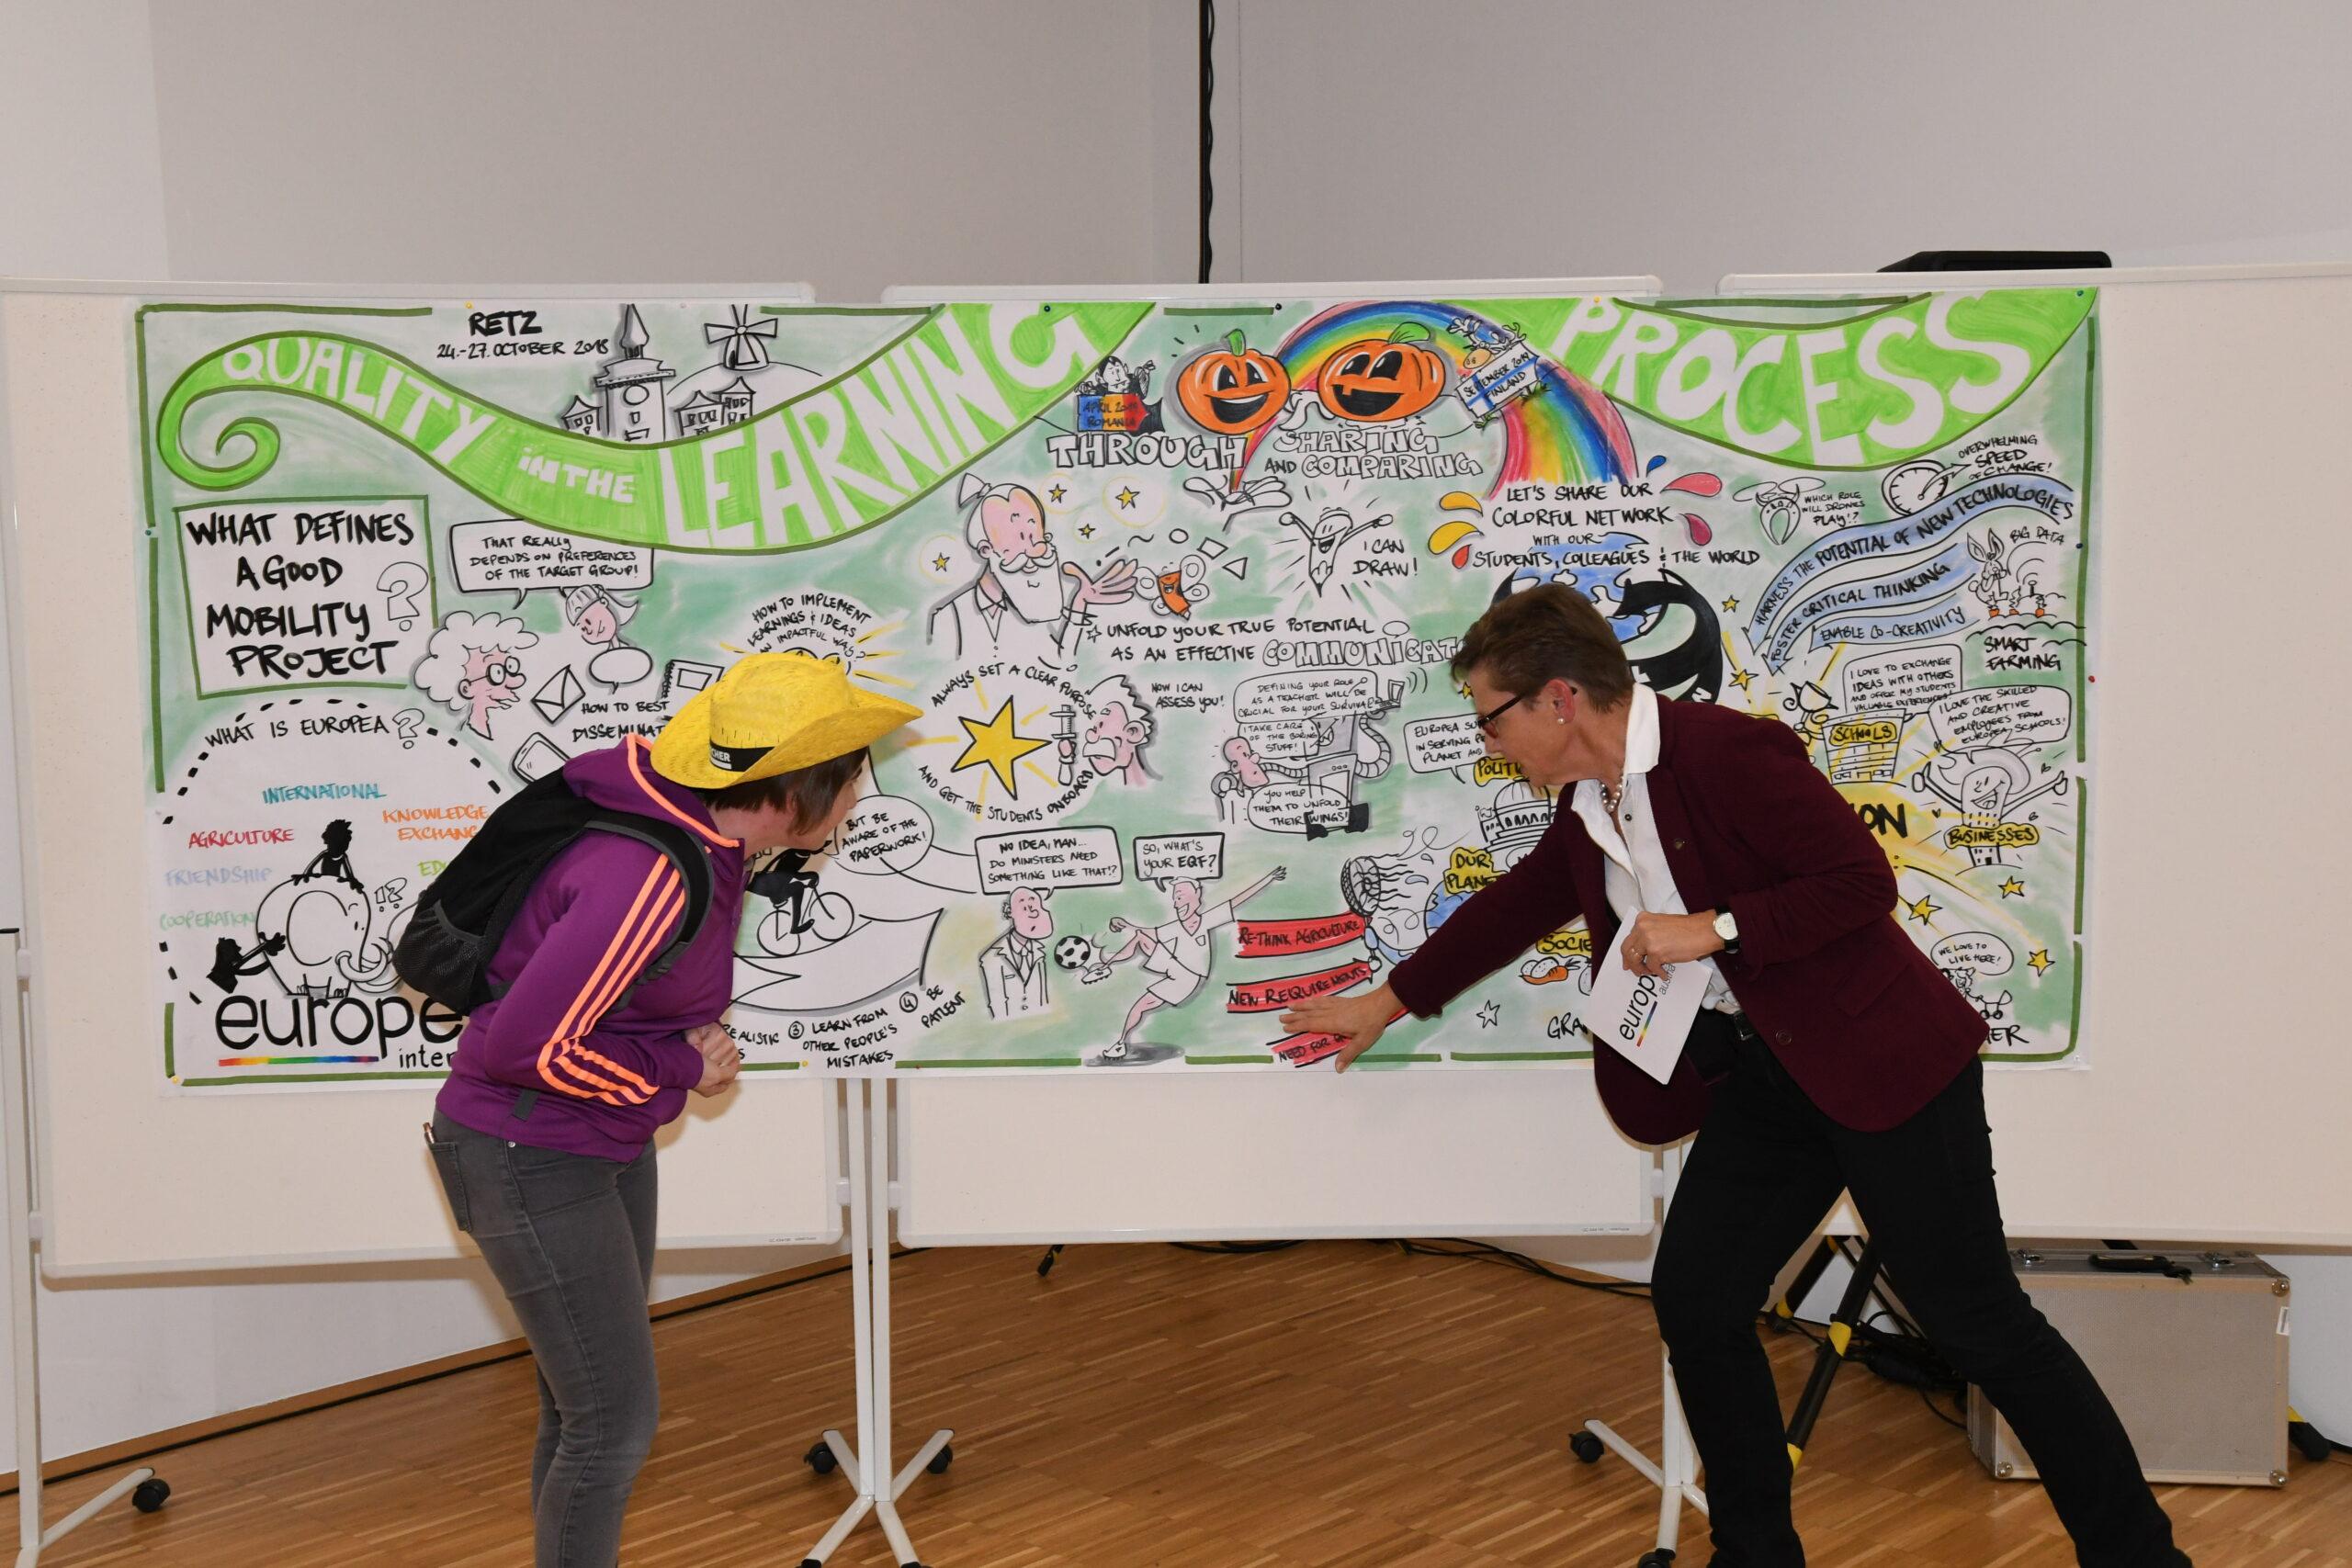 No walls in education - EUROPEA Austria Generalversammlung November 2018 im Rahmen von Treffpunkt Hochschule